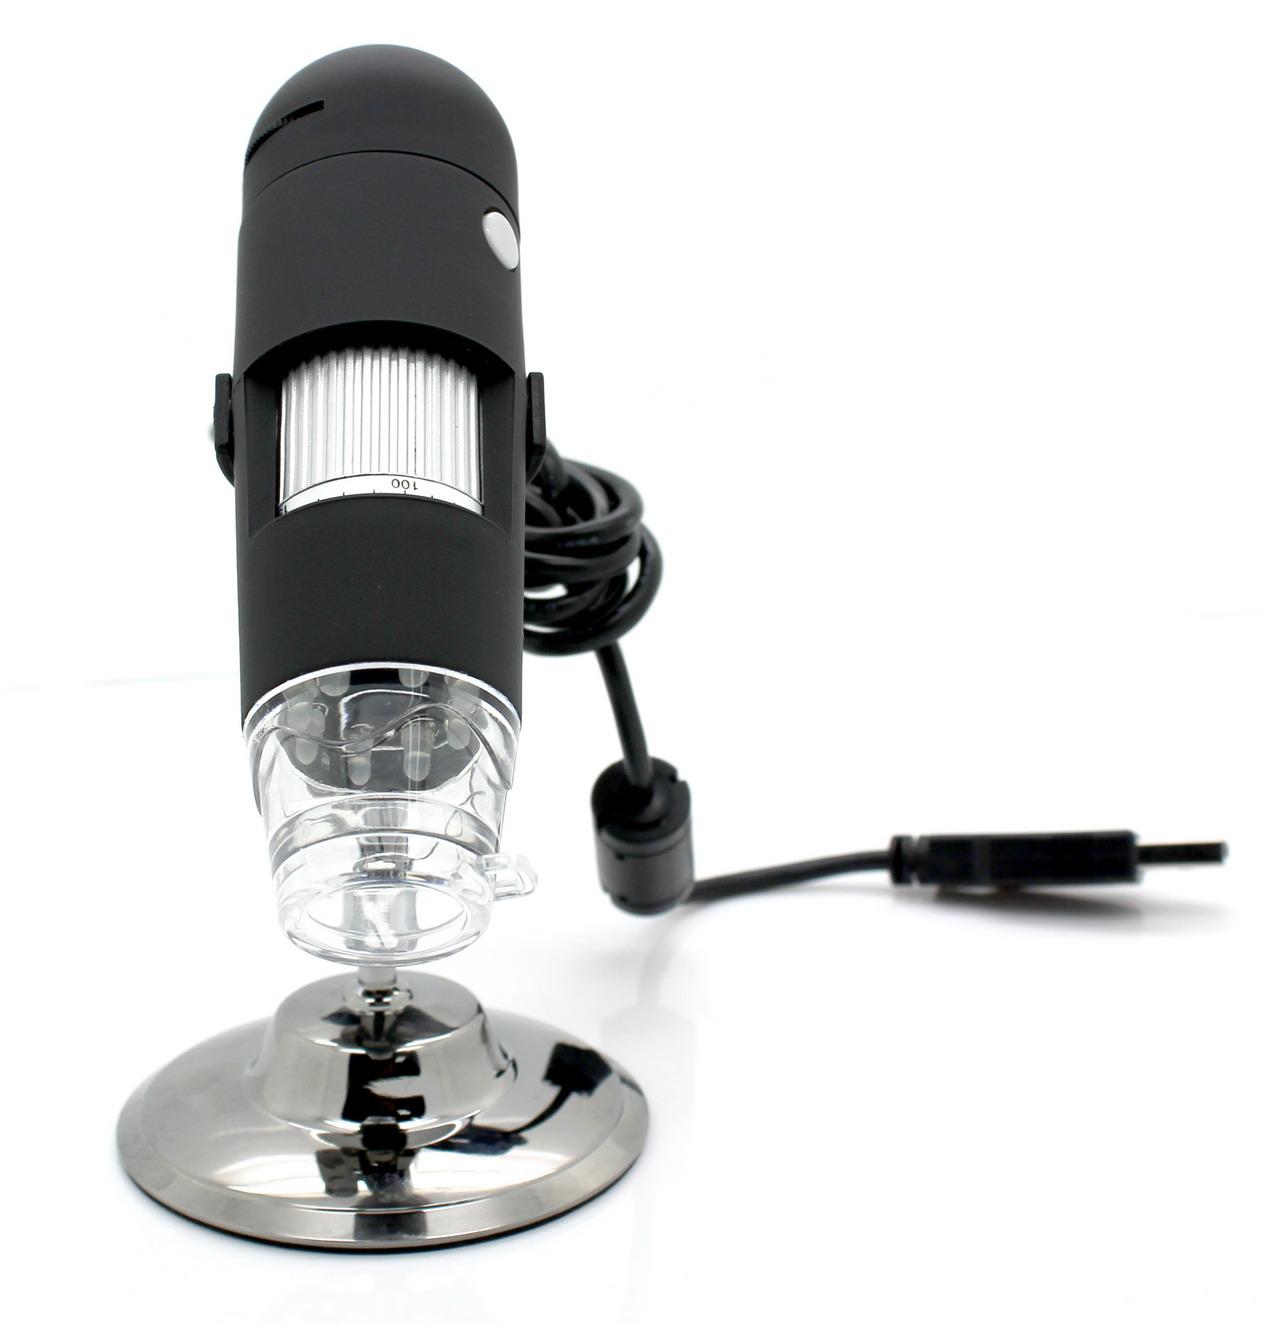 Цифровой USB-микроскоп DigiMicro 2.0Цифровой USB-микроскоп DigiMicro 2.0 идеален для микроскопического исследования любых объектов. Профессионально применяется в микроэлектронике, ювелирной промышленности при производственном контроле поверхностей, а также для учебы или хобби.<br>